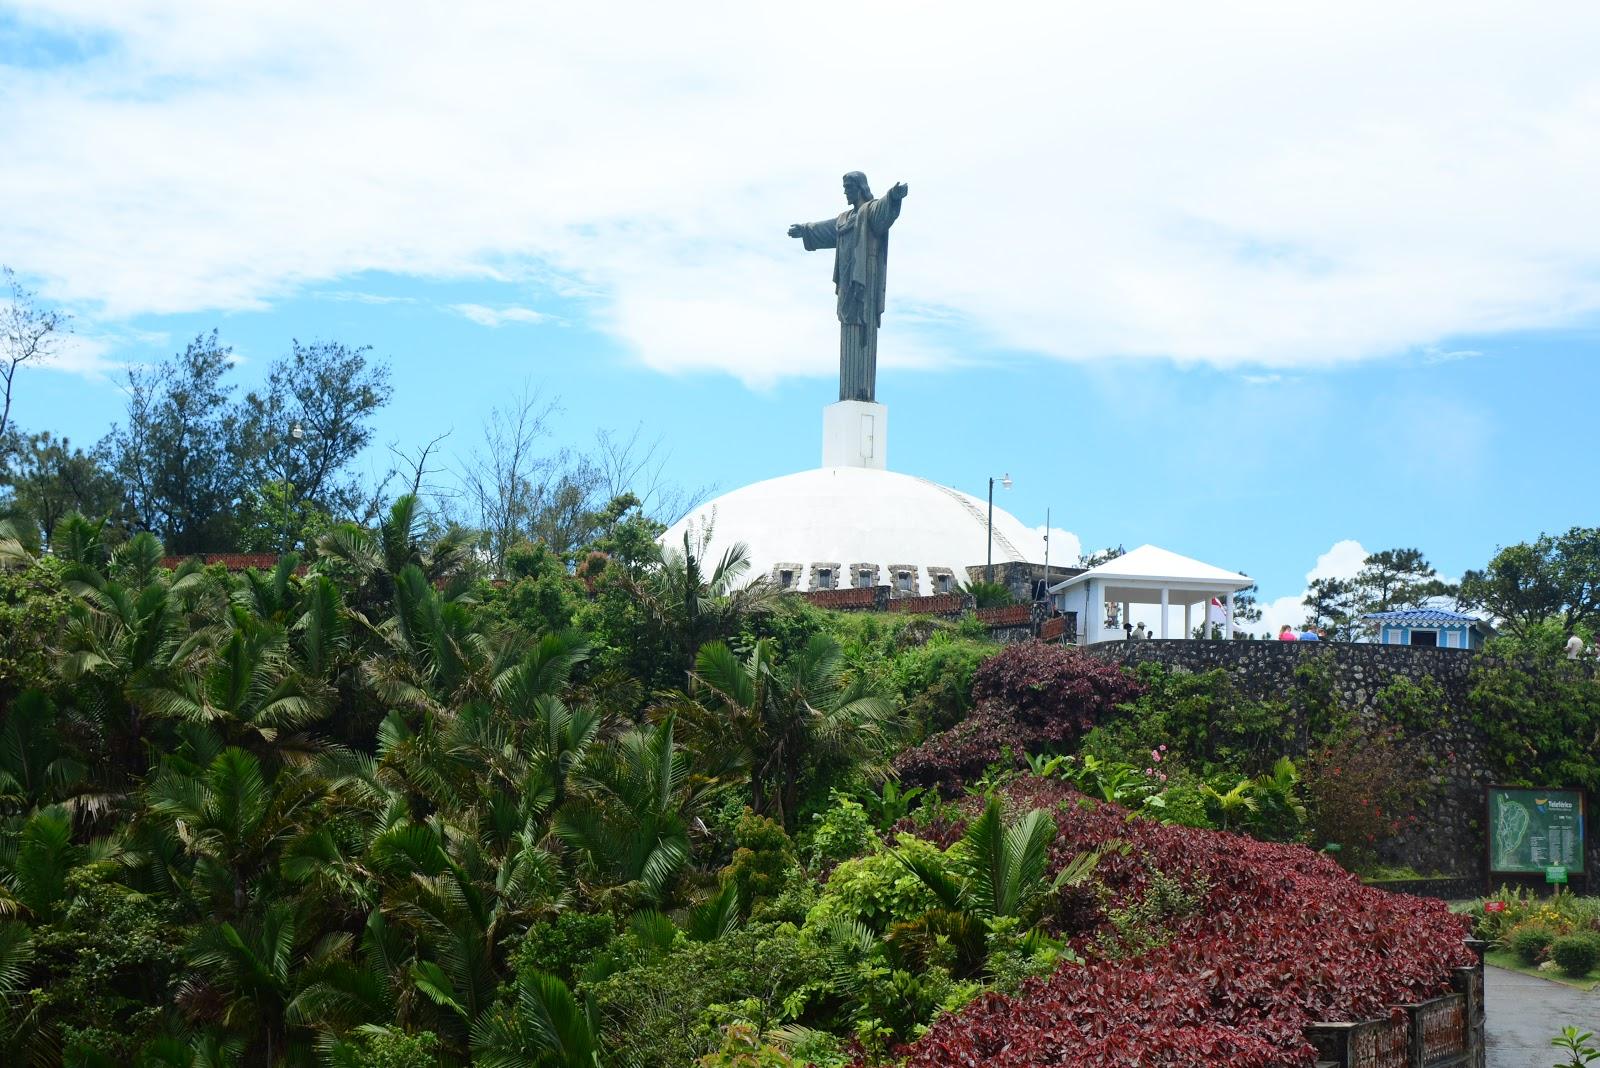 brazil, dominican republic, puerto plata, rio, riu, amber cove, caribbean, holiday